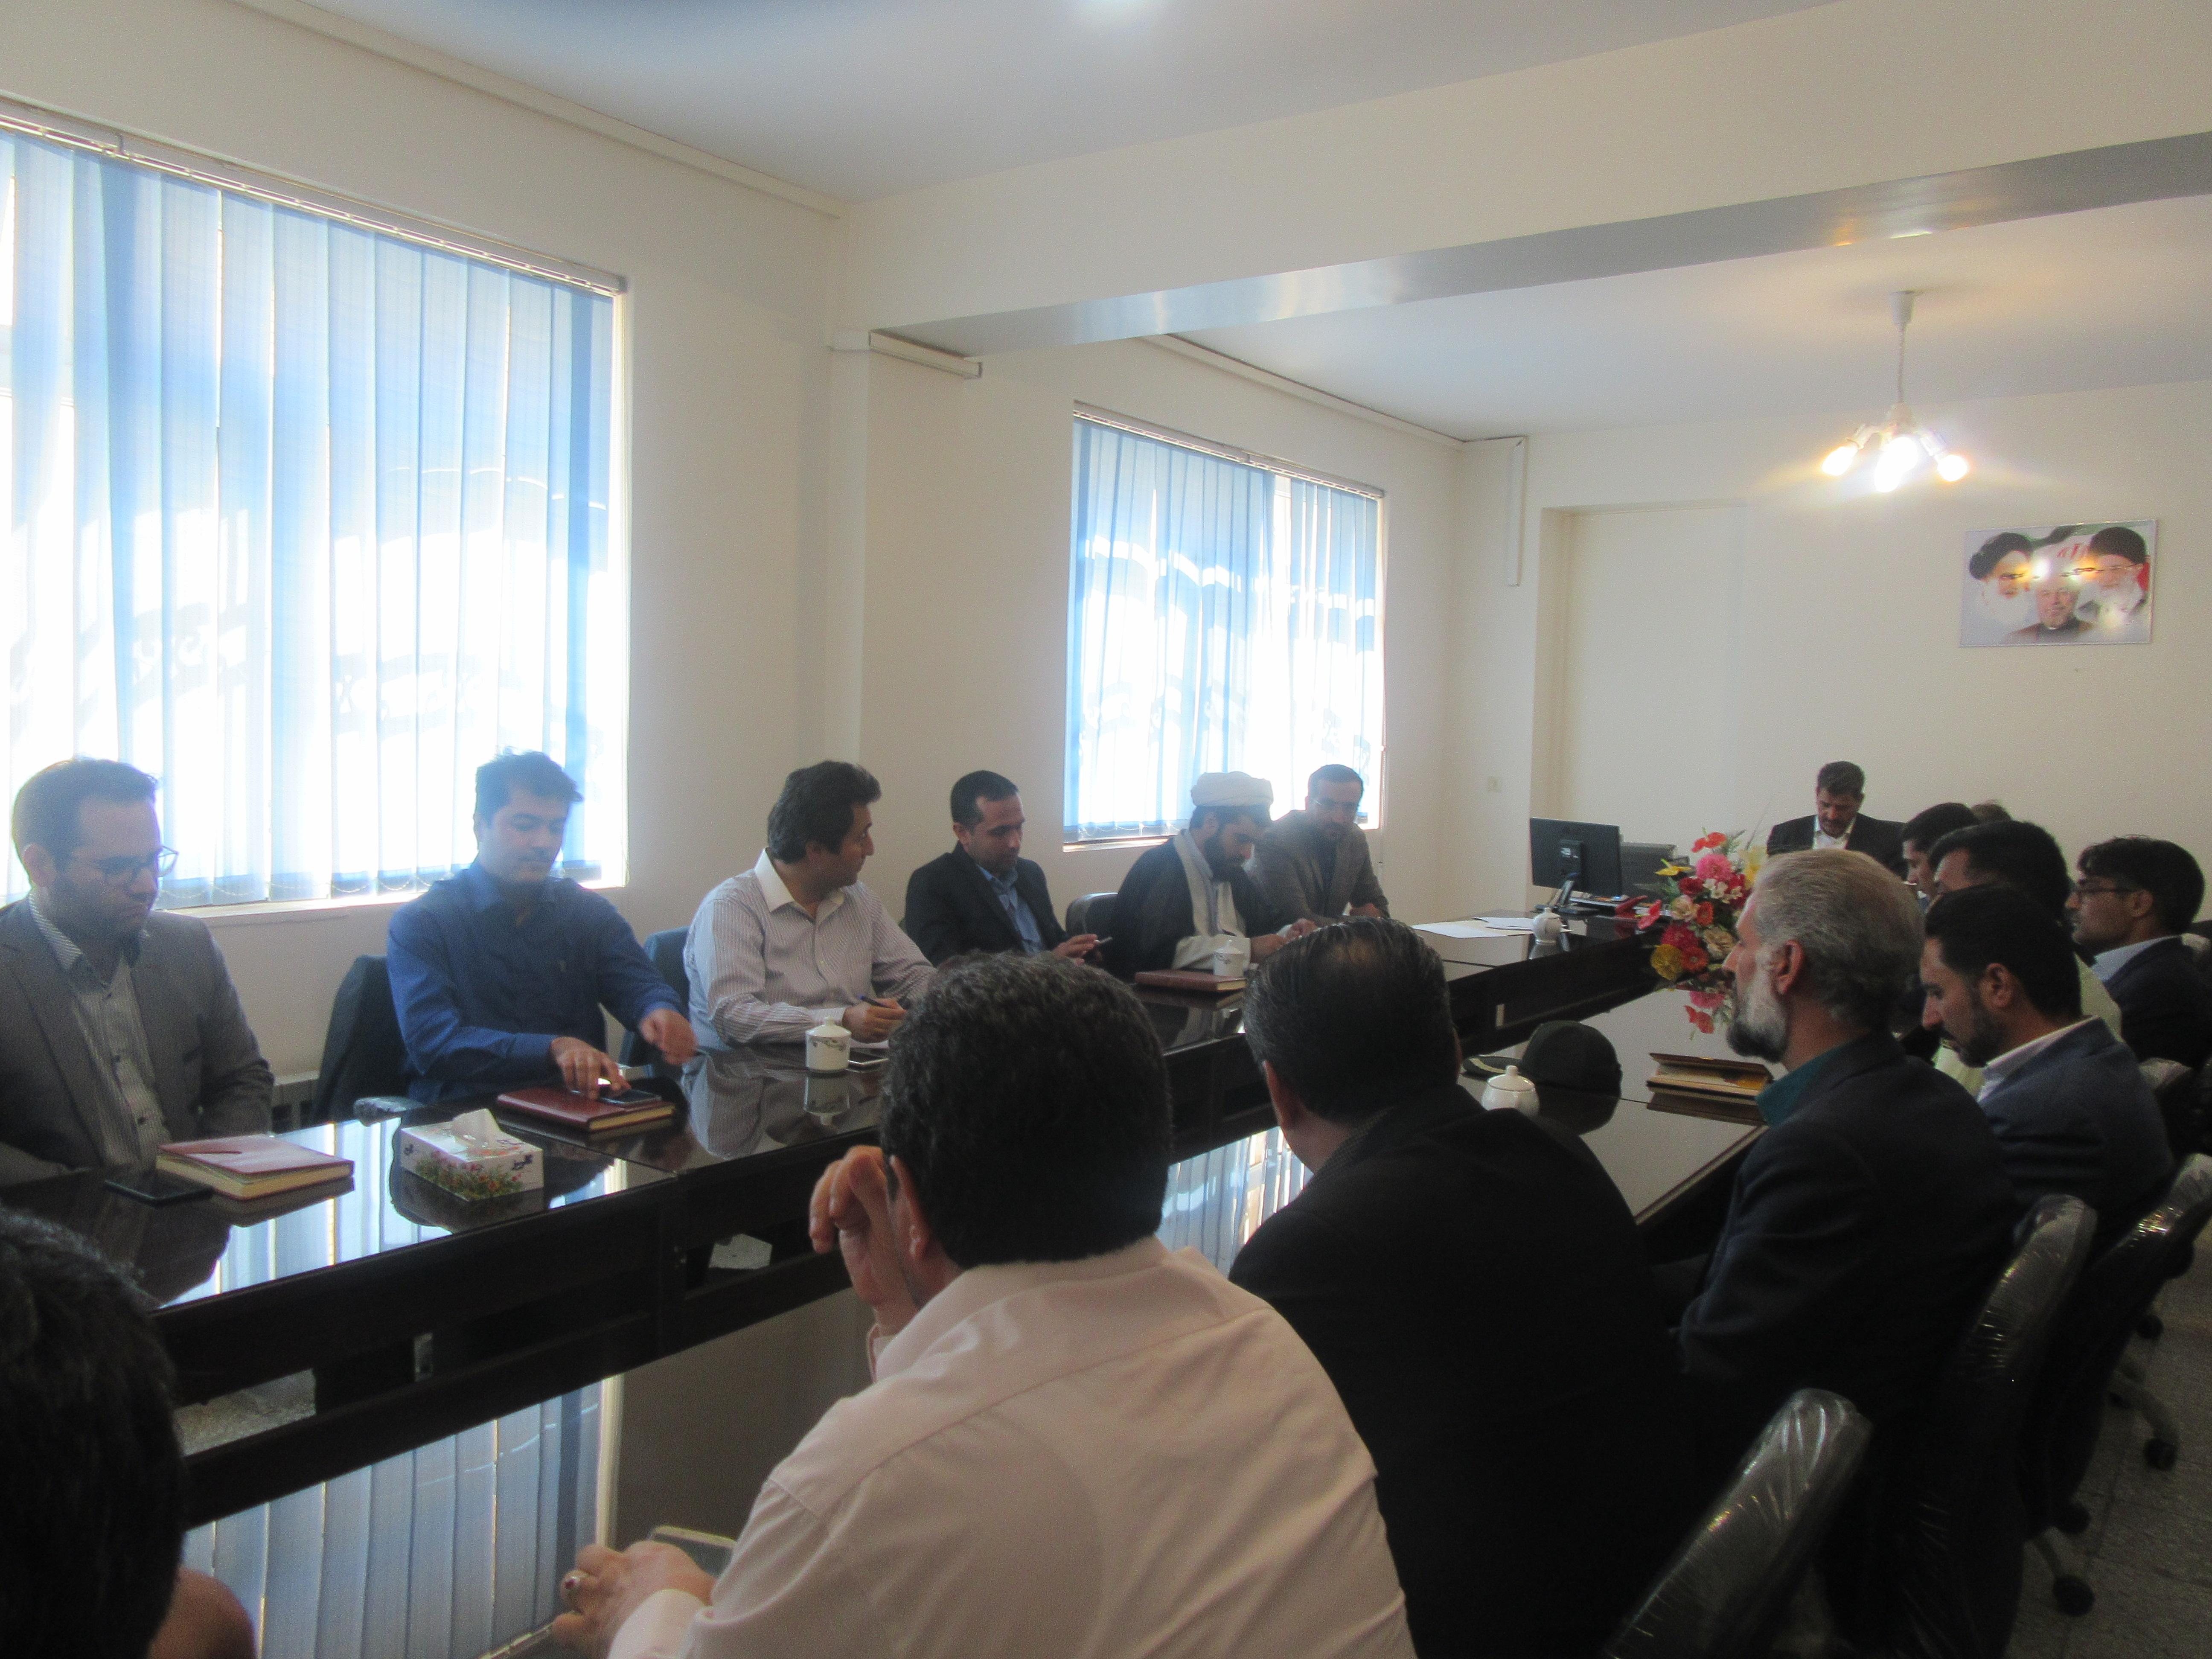 جلسه هماهنگی ستاد گرامیداشت هفته دولت در خواف برگزار شد